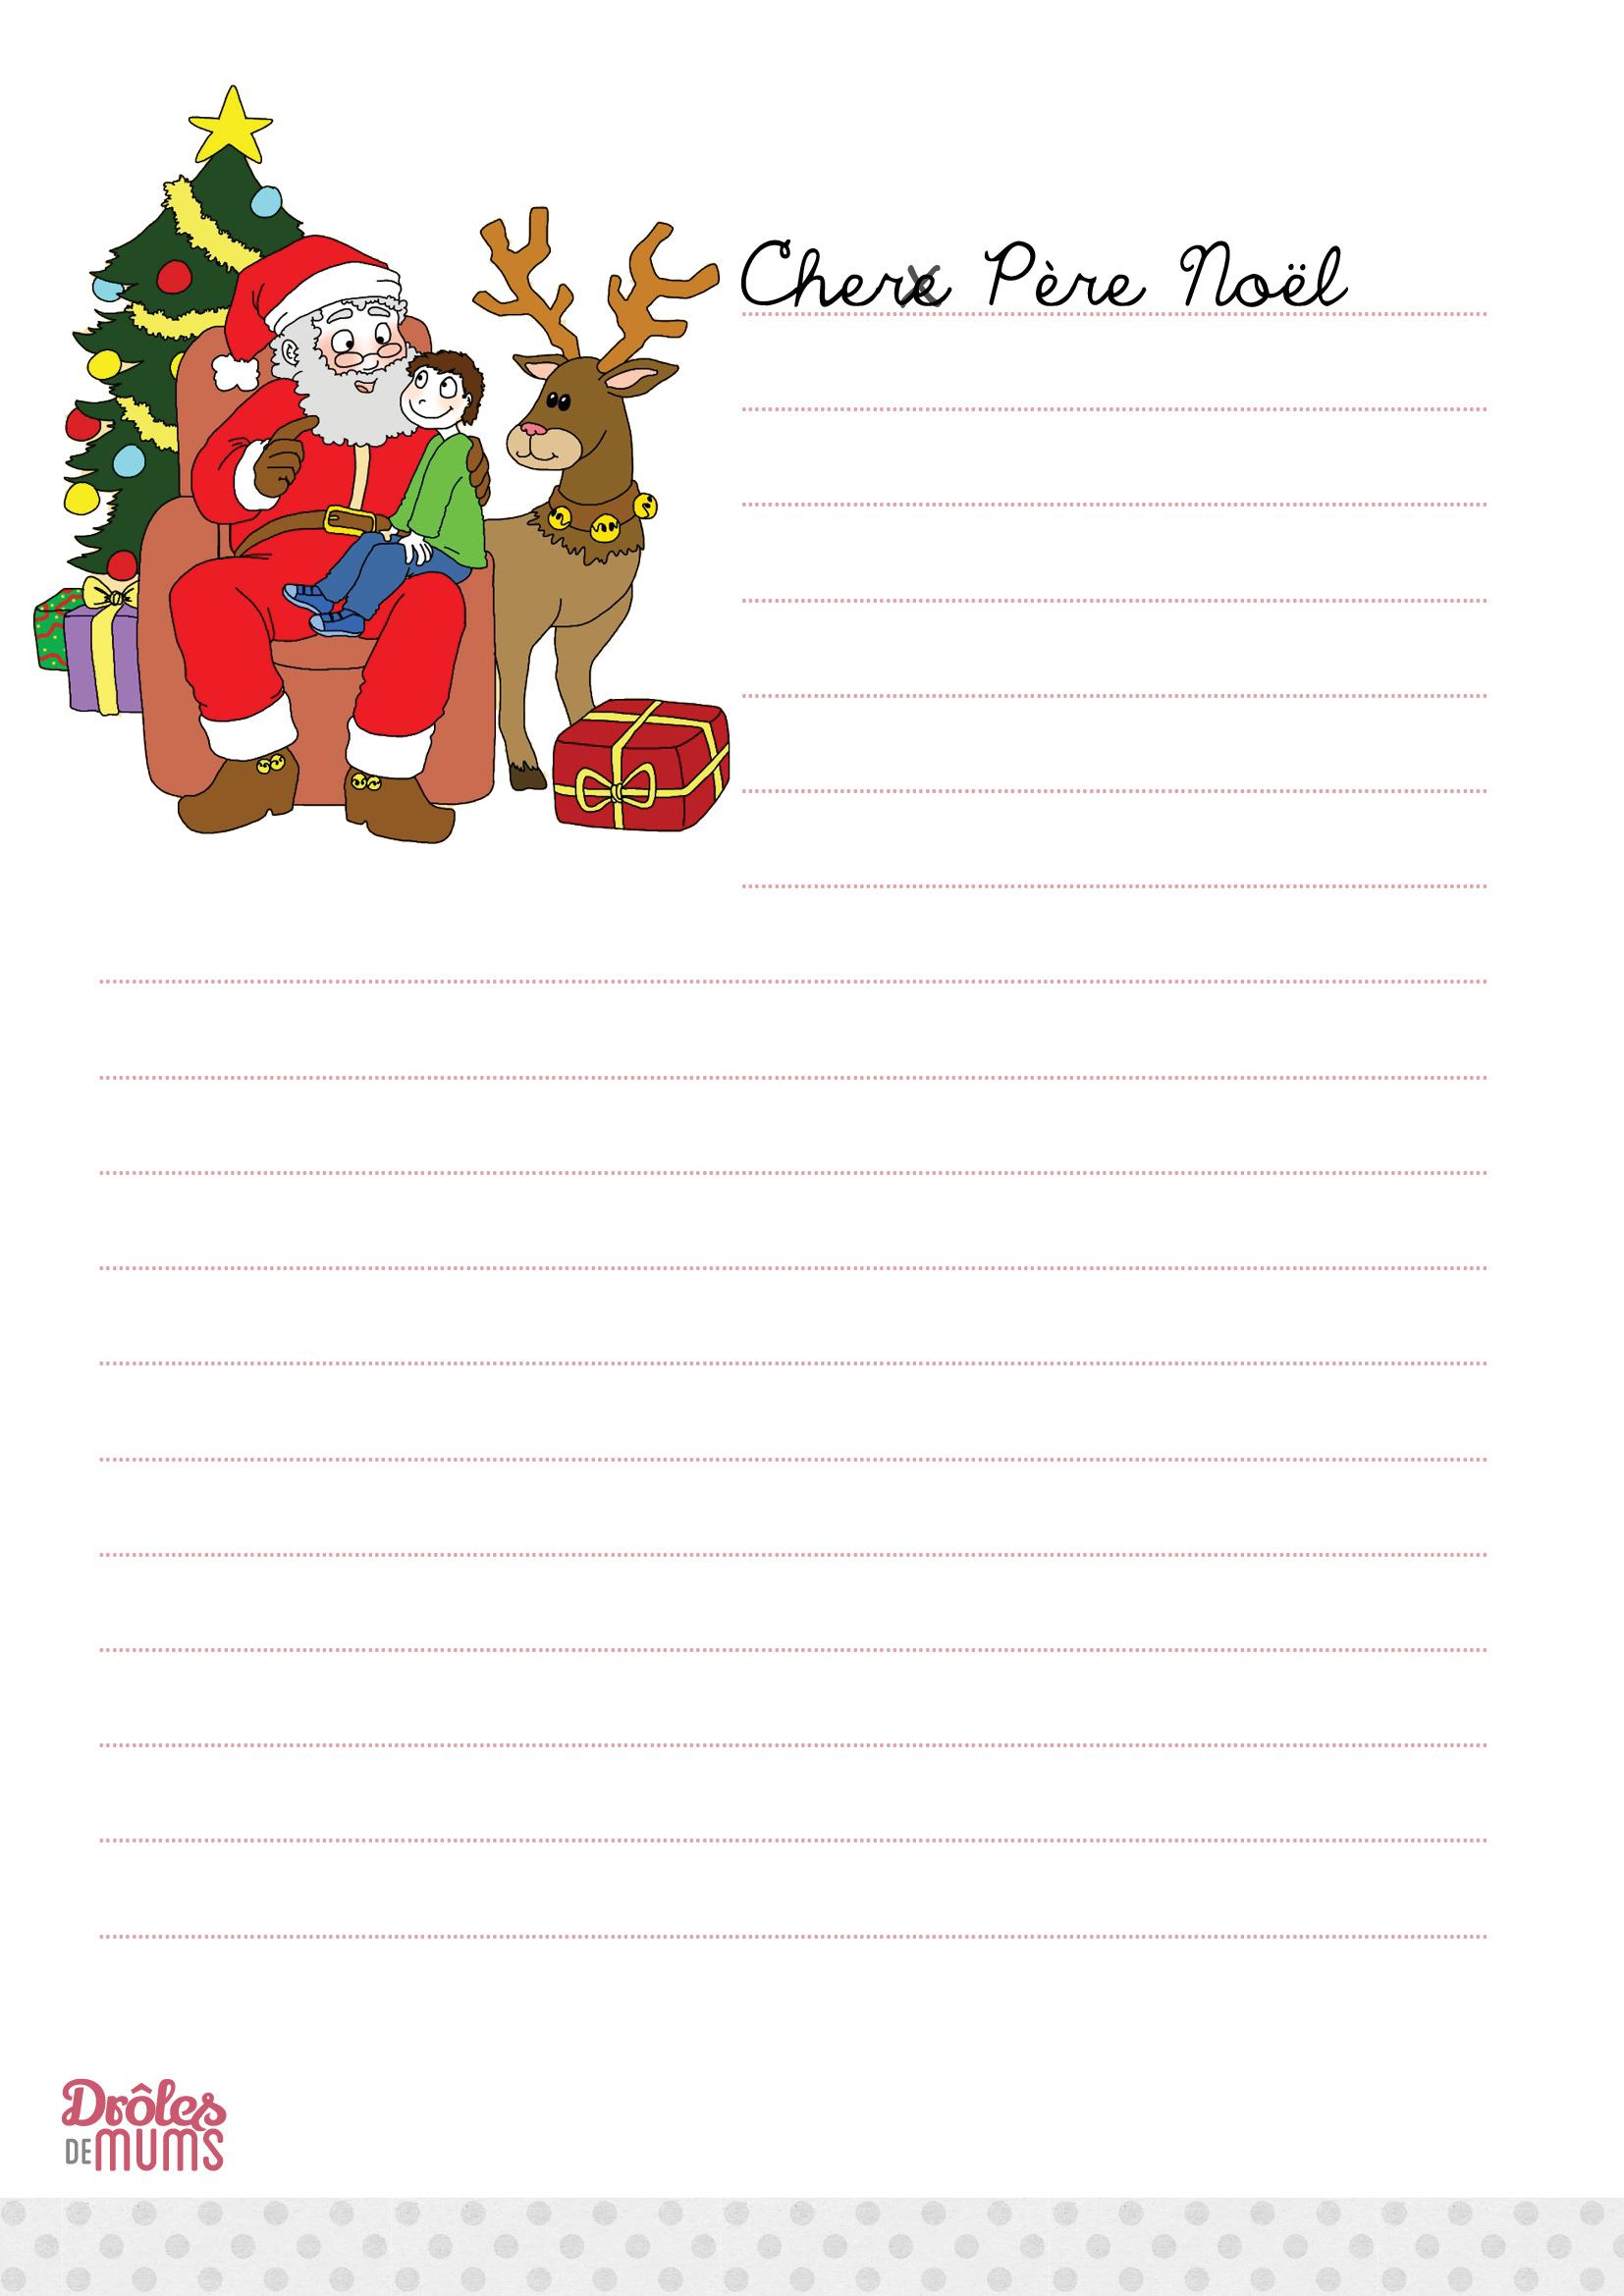 La Lettre Au Père Noël À Imprimer Version Fille - Drôles De Mums intérieur Liste Pere Noel Imprimer